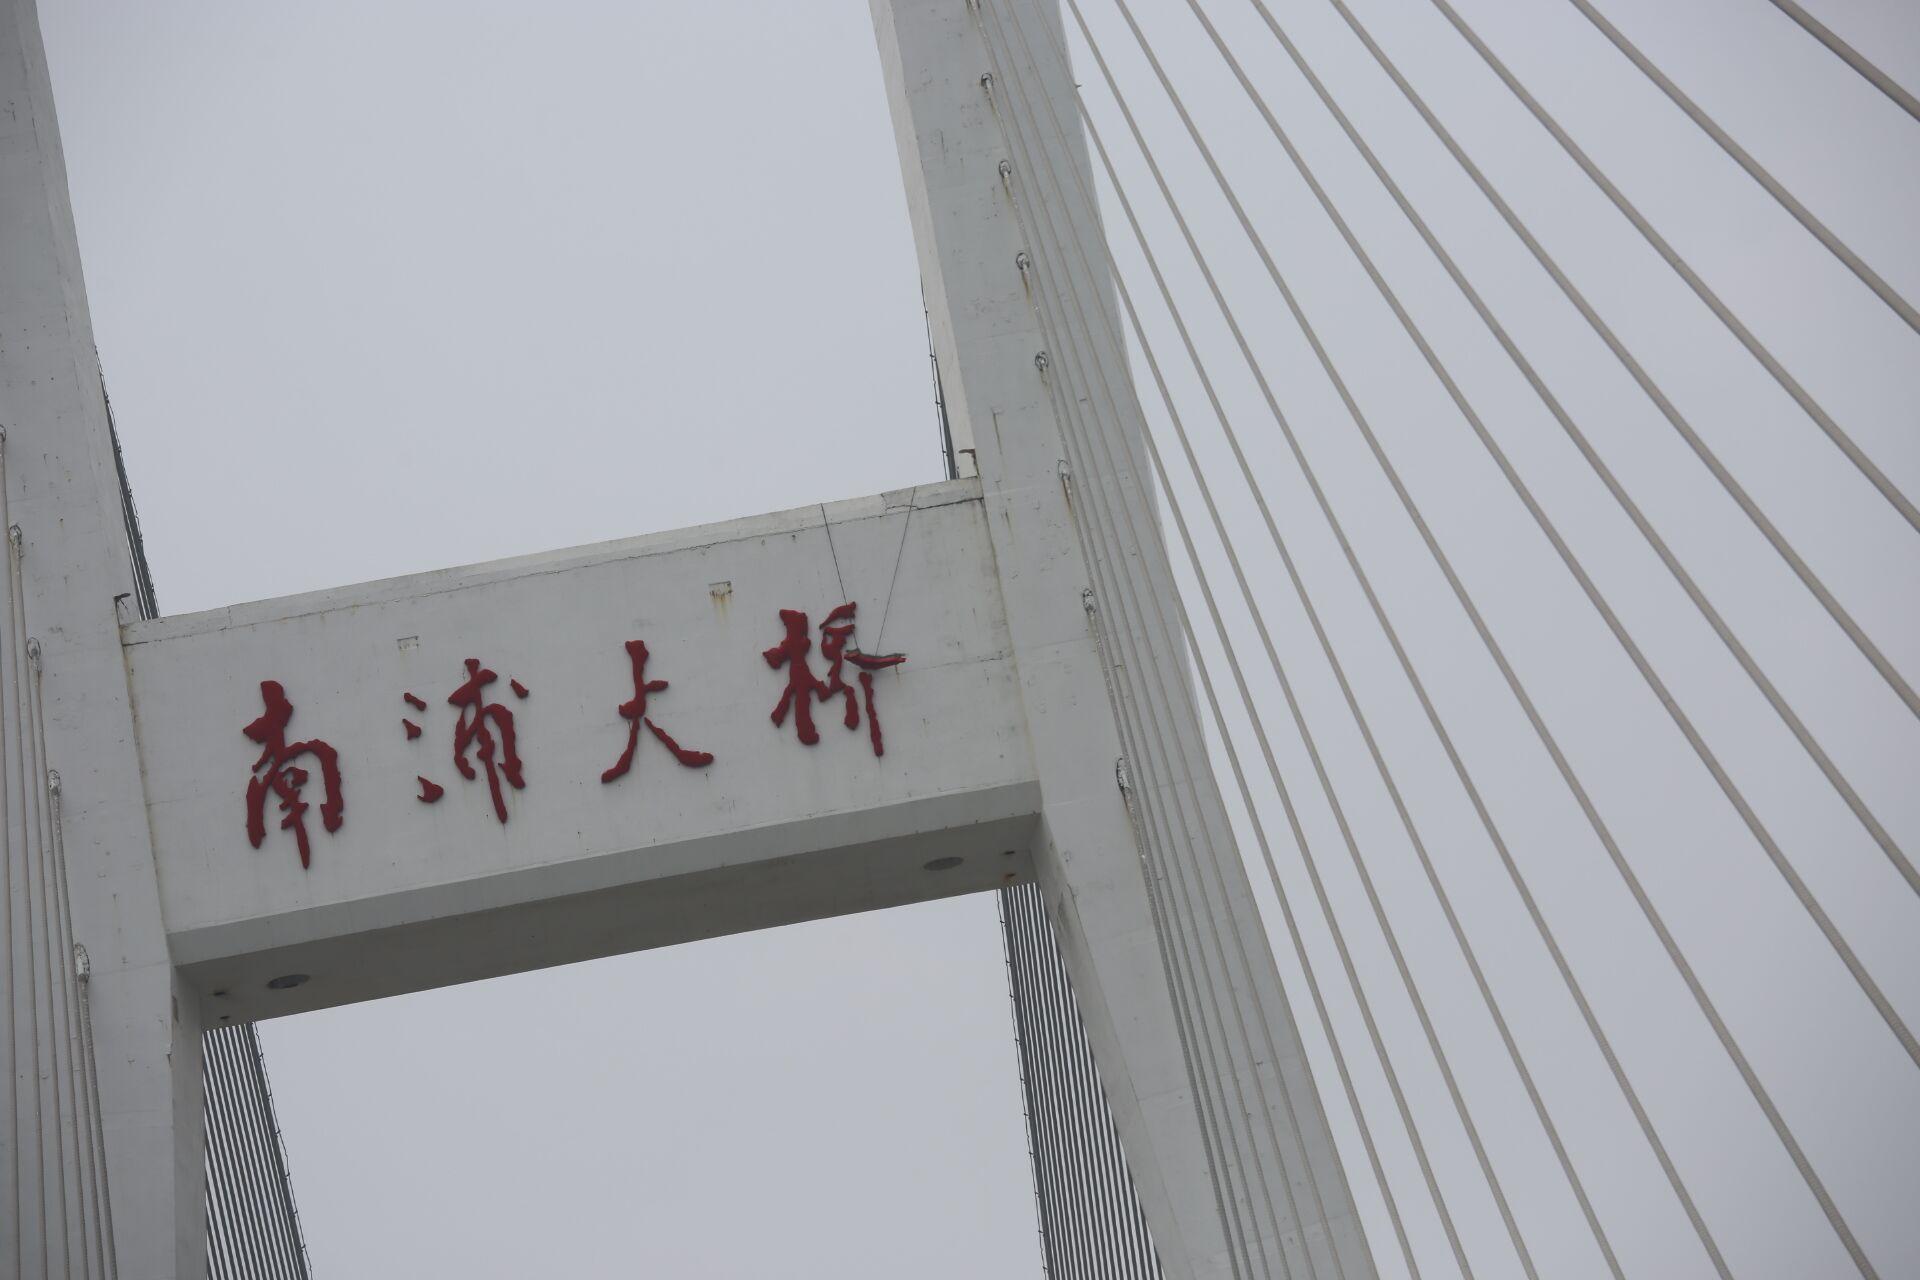 南浦大桥上捺字有掉落危险 封2根道紧急抢修